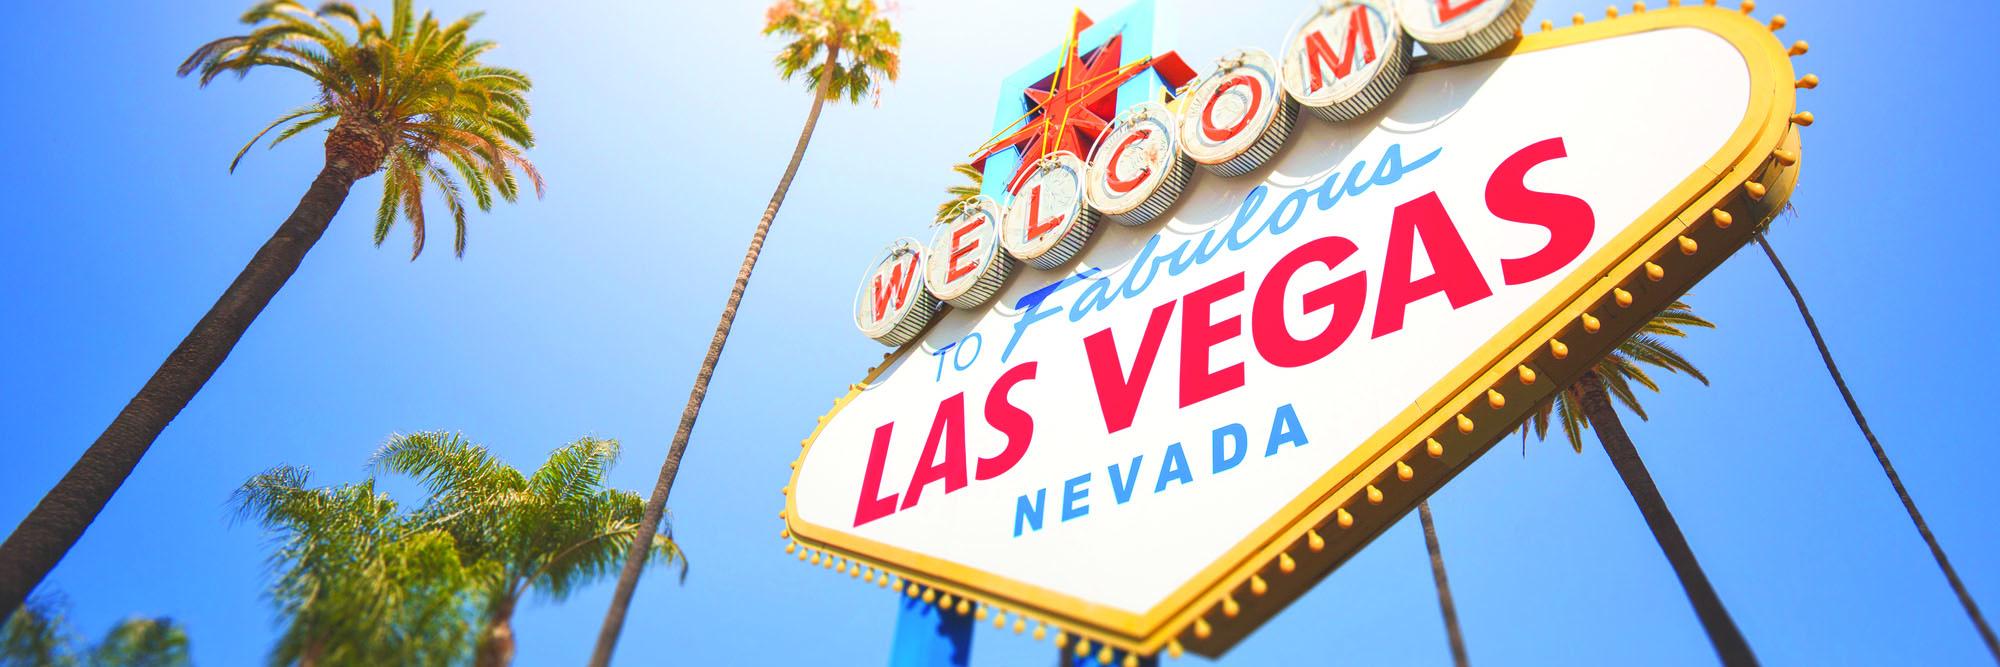 VegasWebBanner